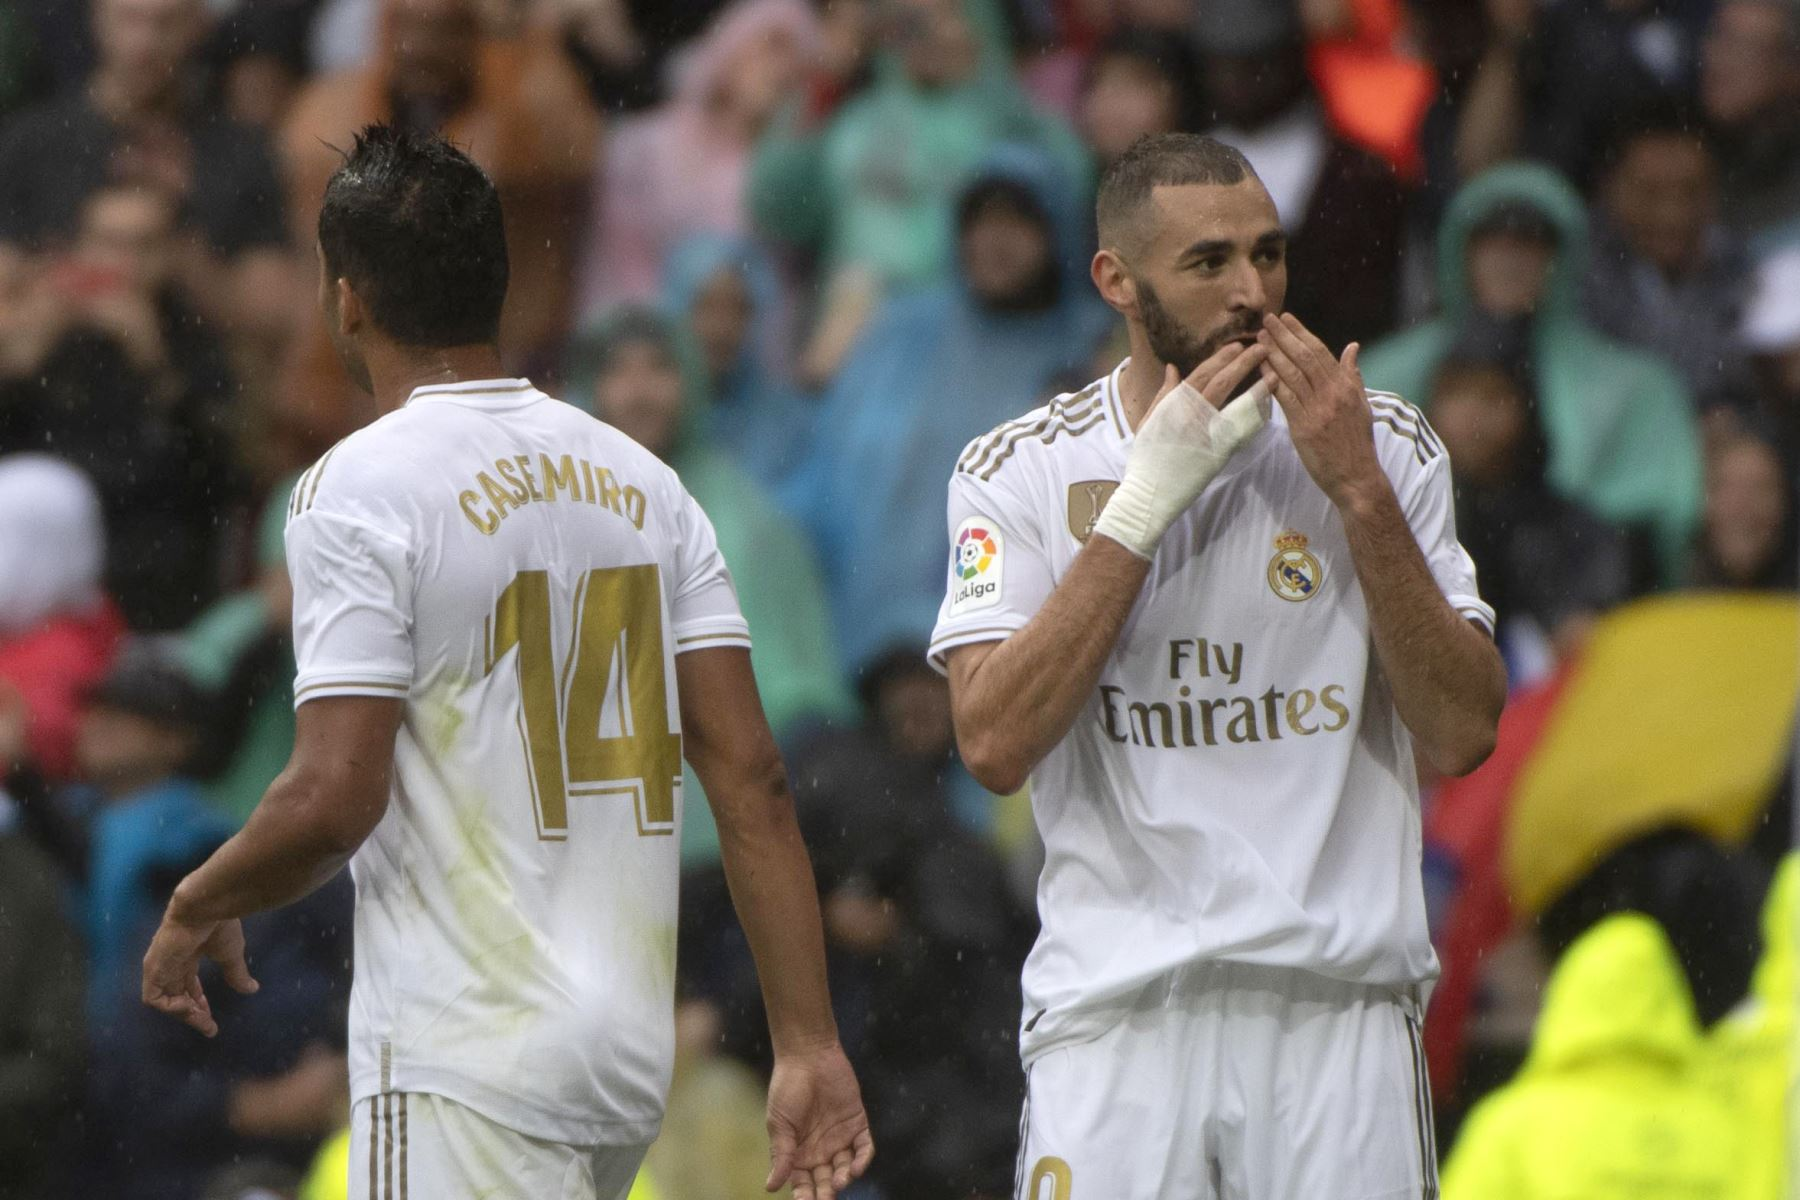 Real Madrid vence 3-2 al Levante con un doblete de Benzema quien lo celebra junto a Casemiro. Foto: AFP